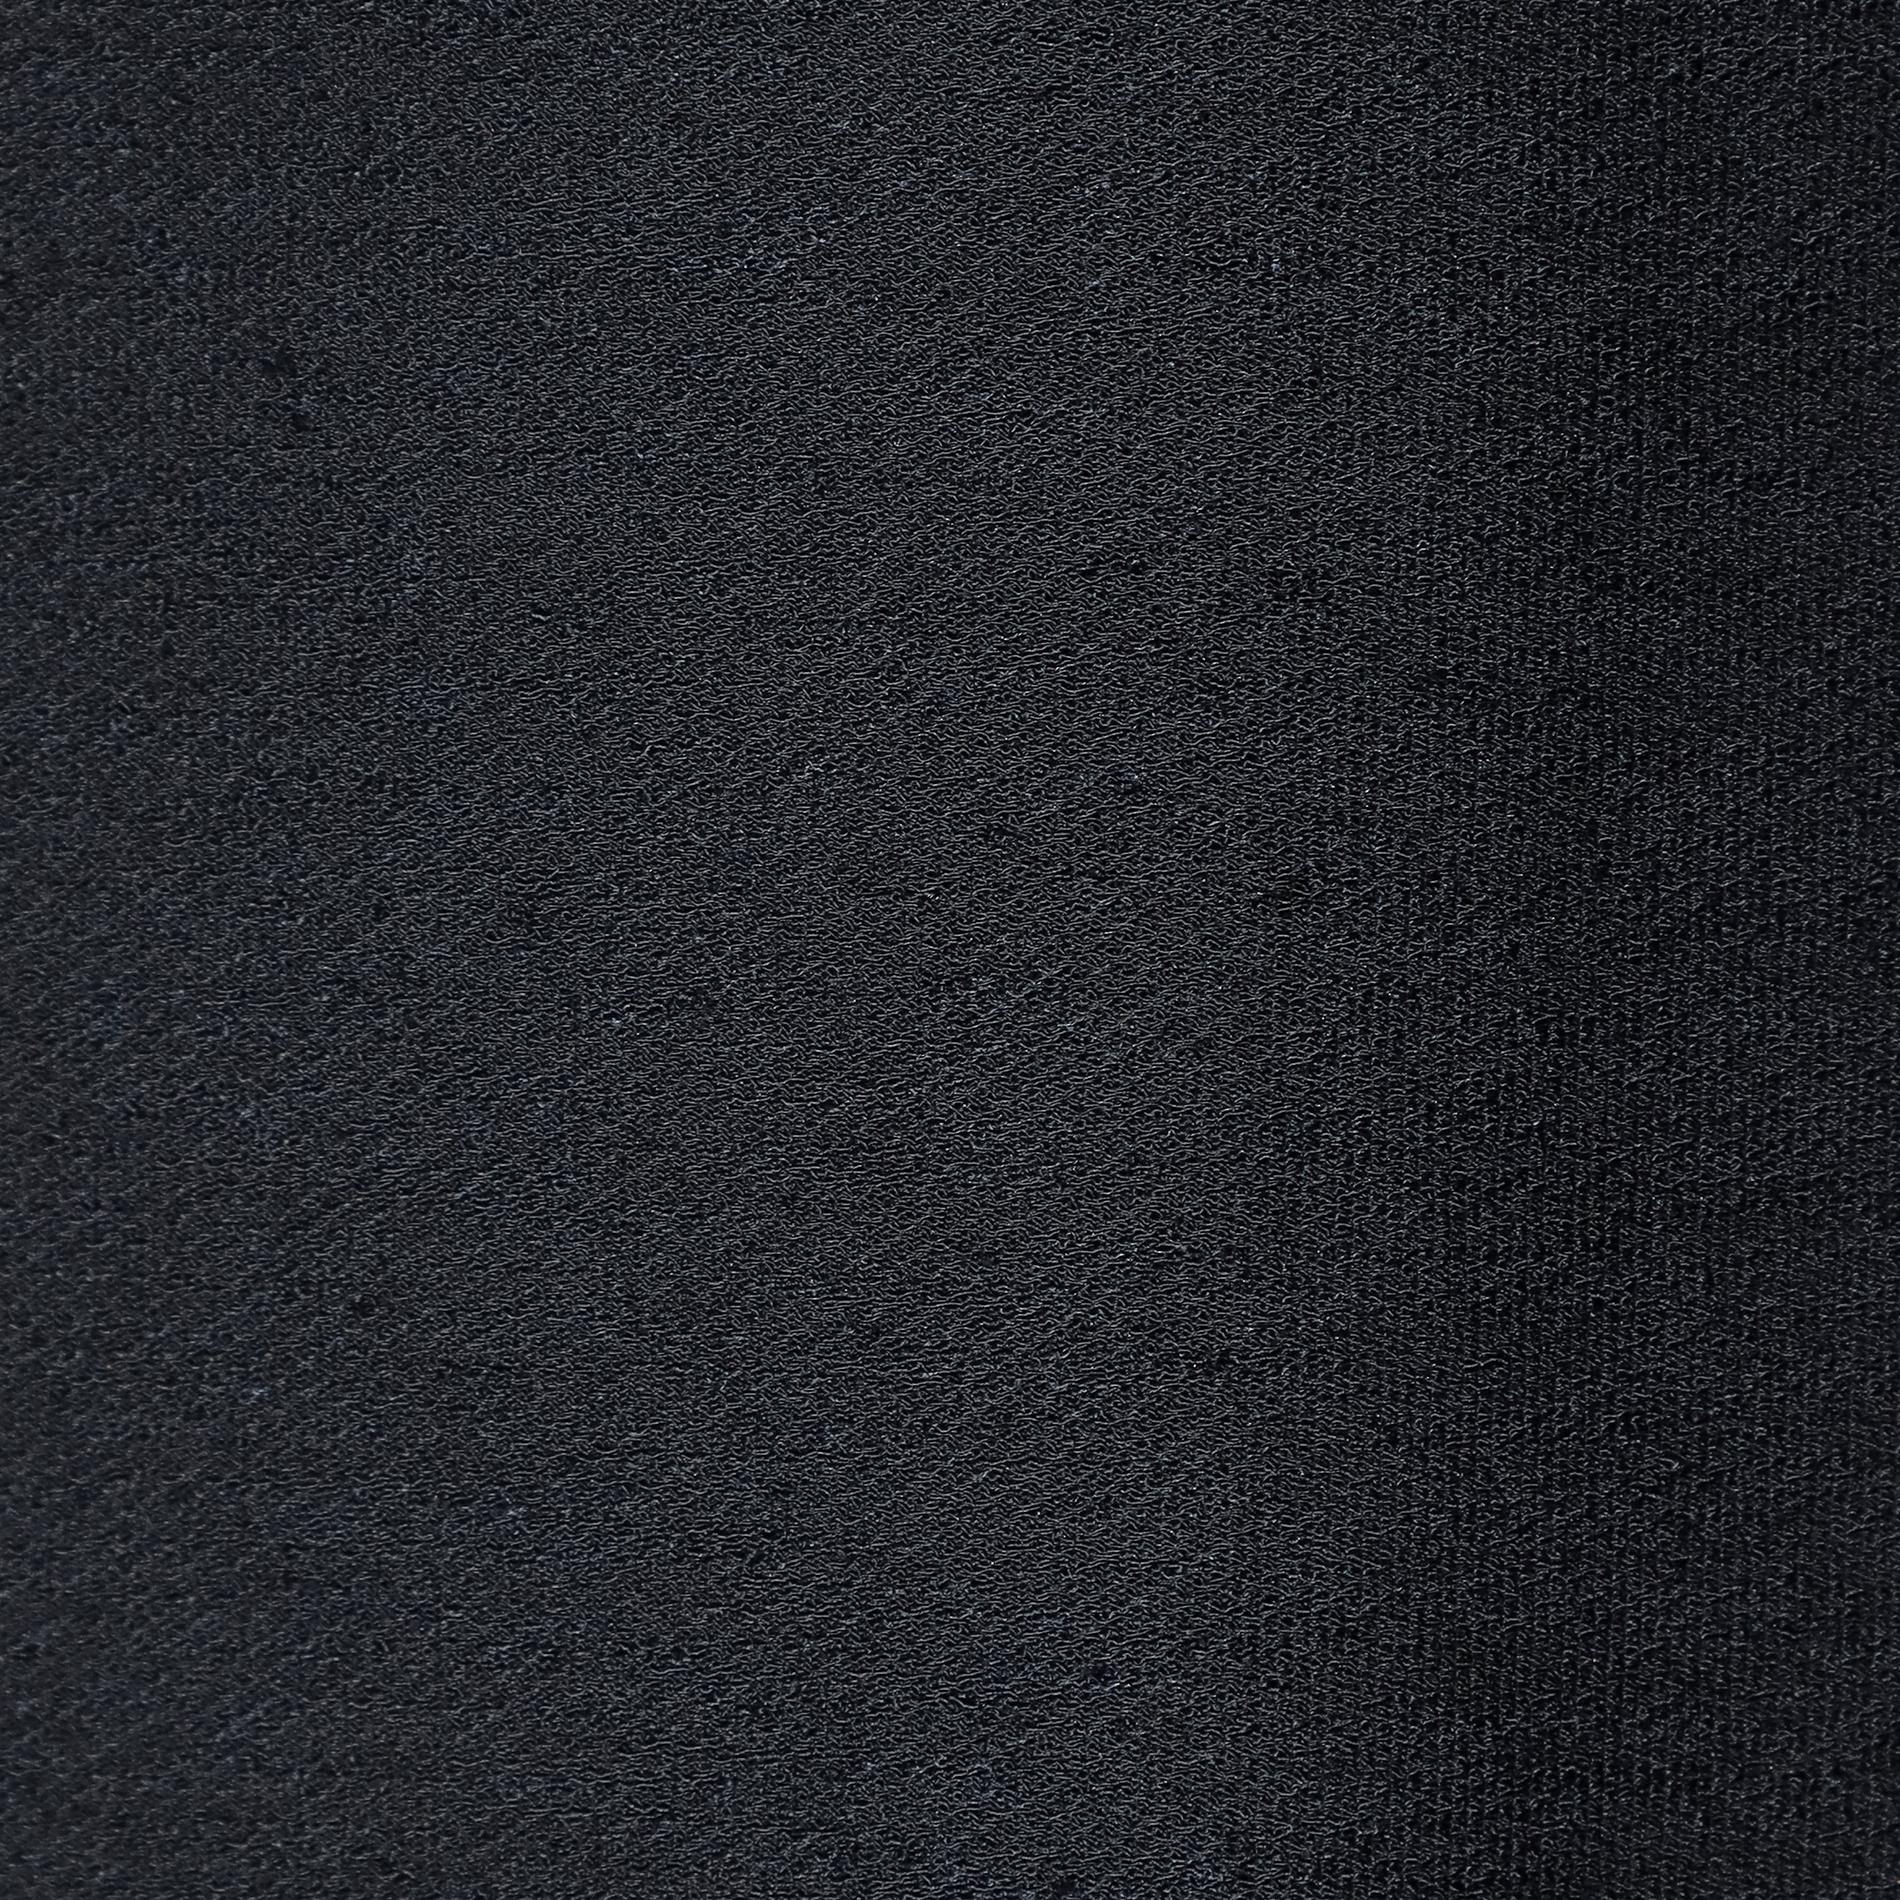 ◆◆【FLEX JERSEY】アラマーバランサージャケット